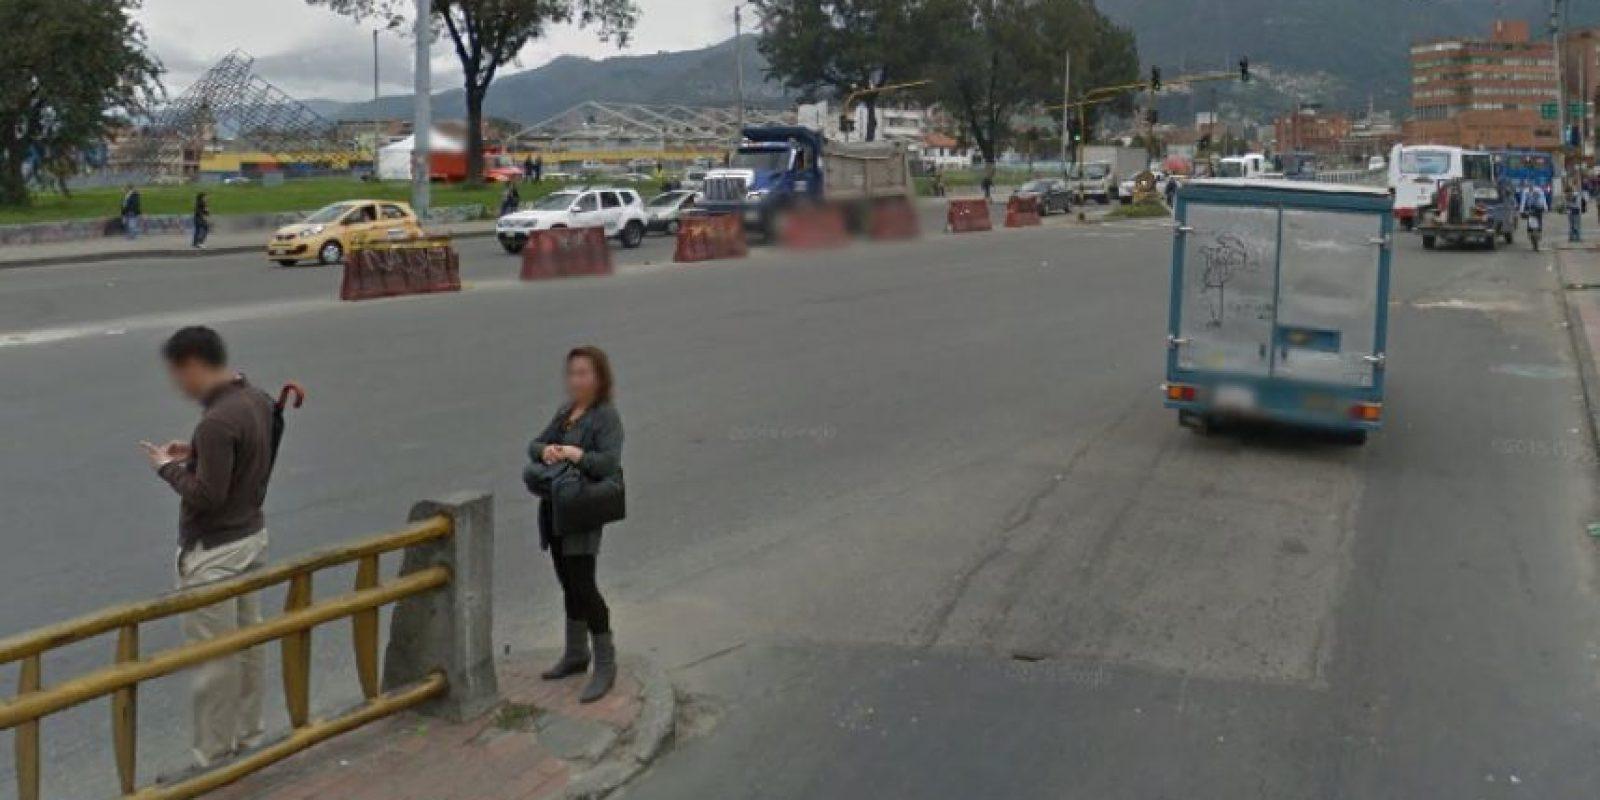 En intersección de la avenida de las Américas con carrera 30 se ubica este trancón que termina de afectar la movilidad del sector. Foto:Google Street View